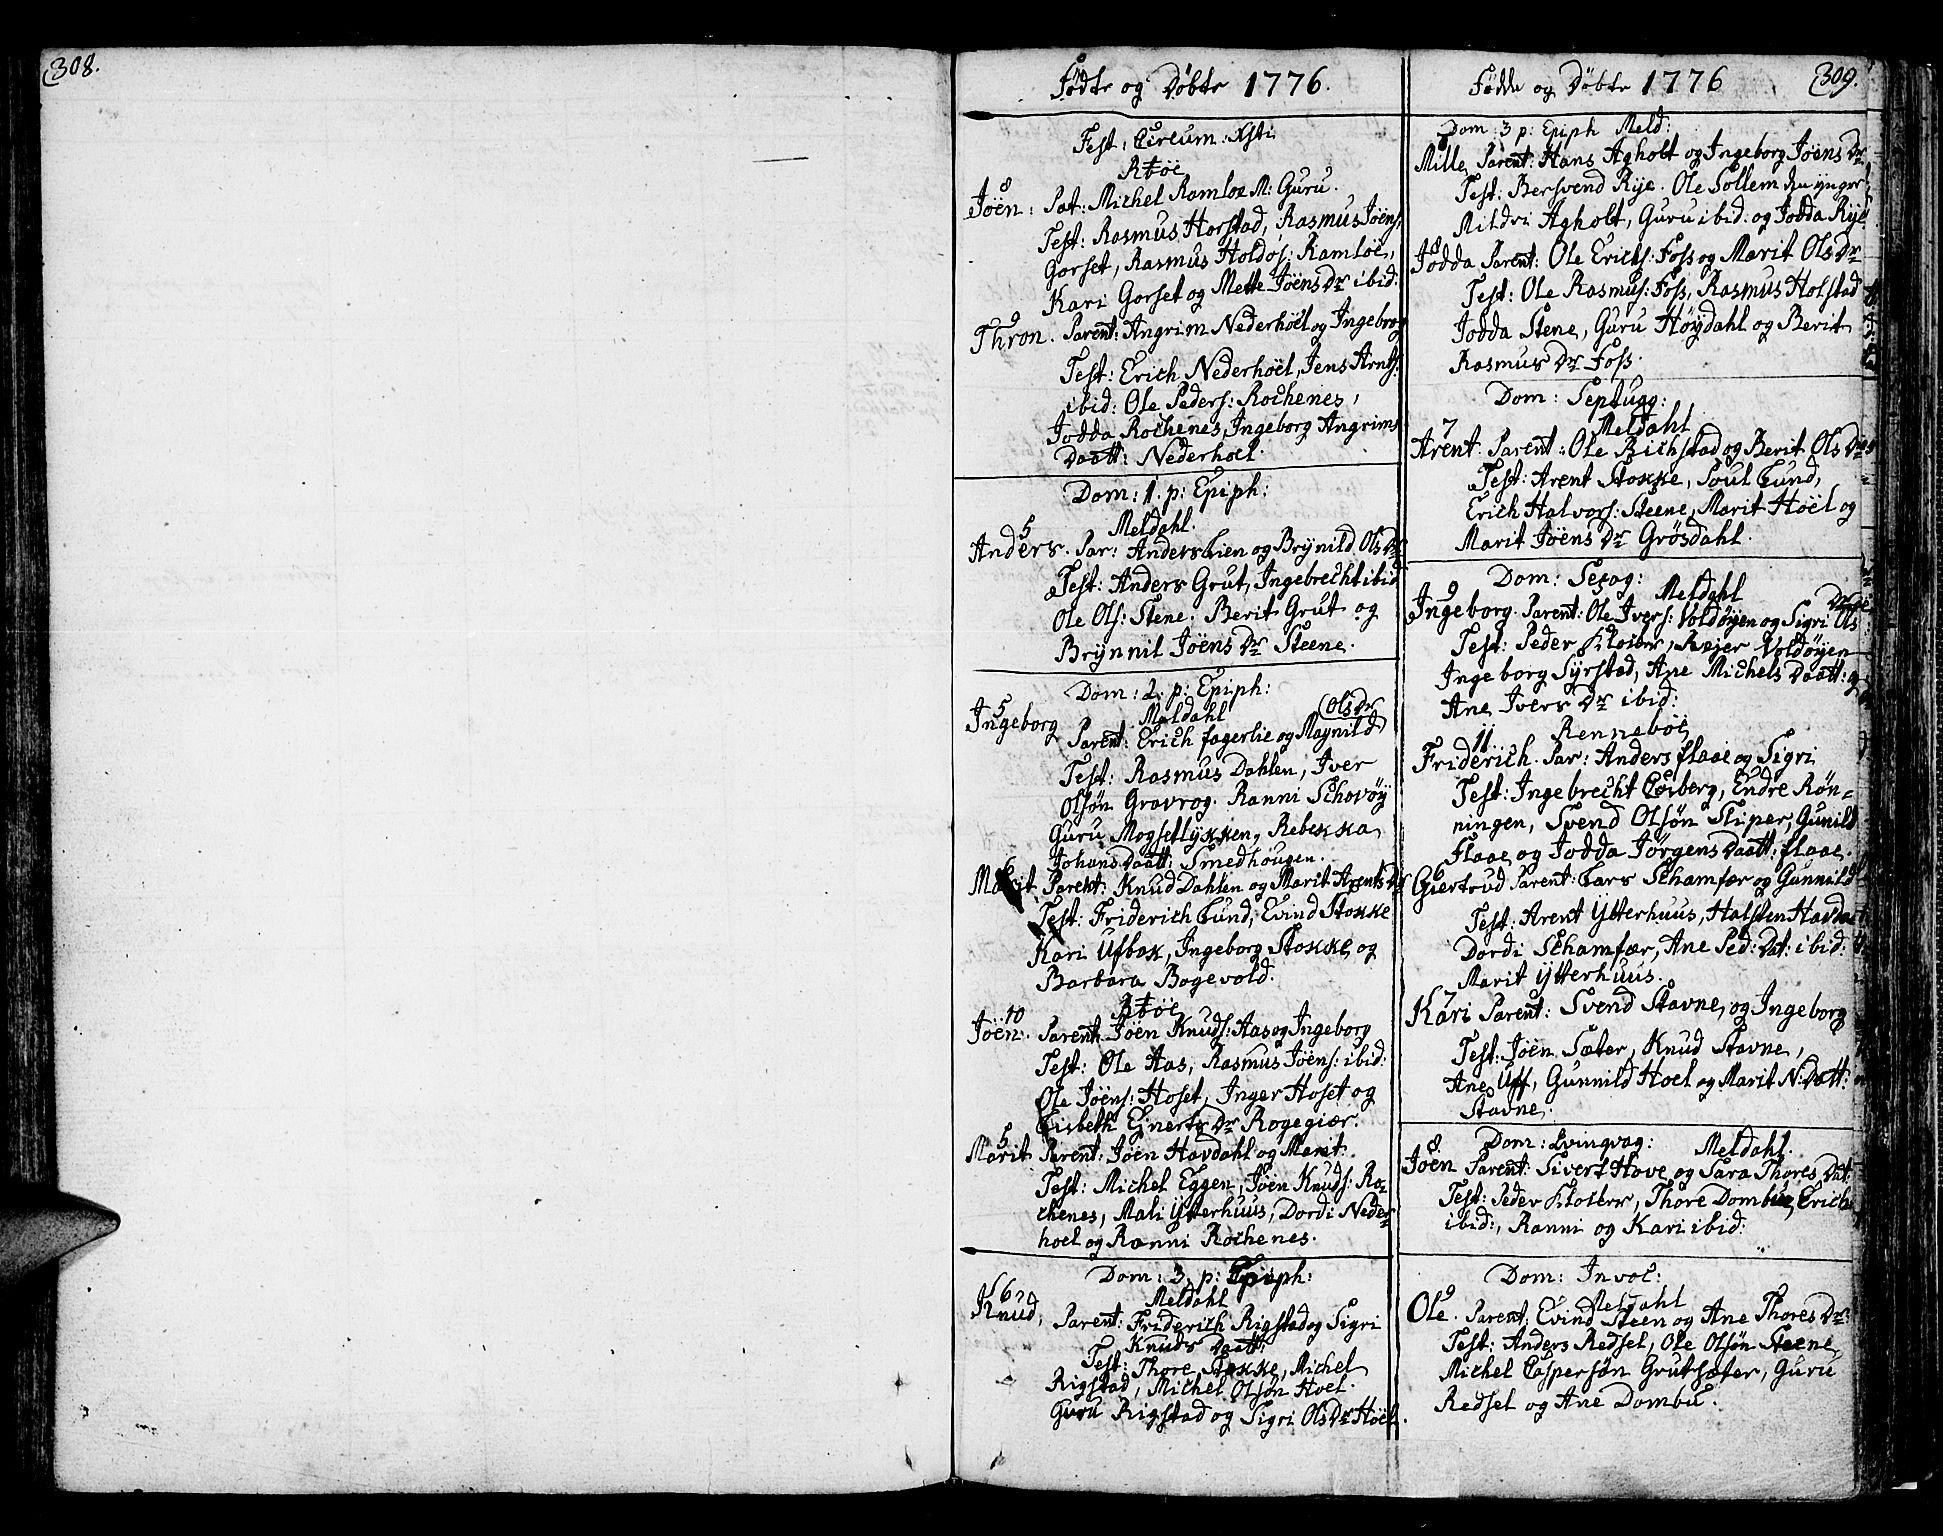 SAT, Ministerialprotokoller, klokkerbøker og fødselsregistre - Sør-Trøndelag, 672/L0852: Ministerialbok nr. 672A05, 1776-1815, s. 308-309